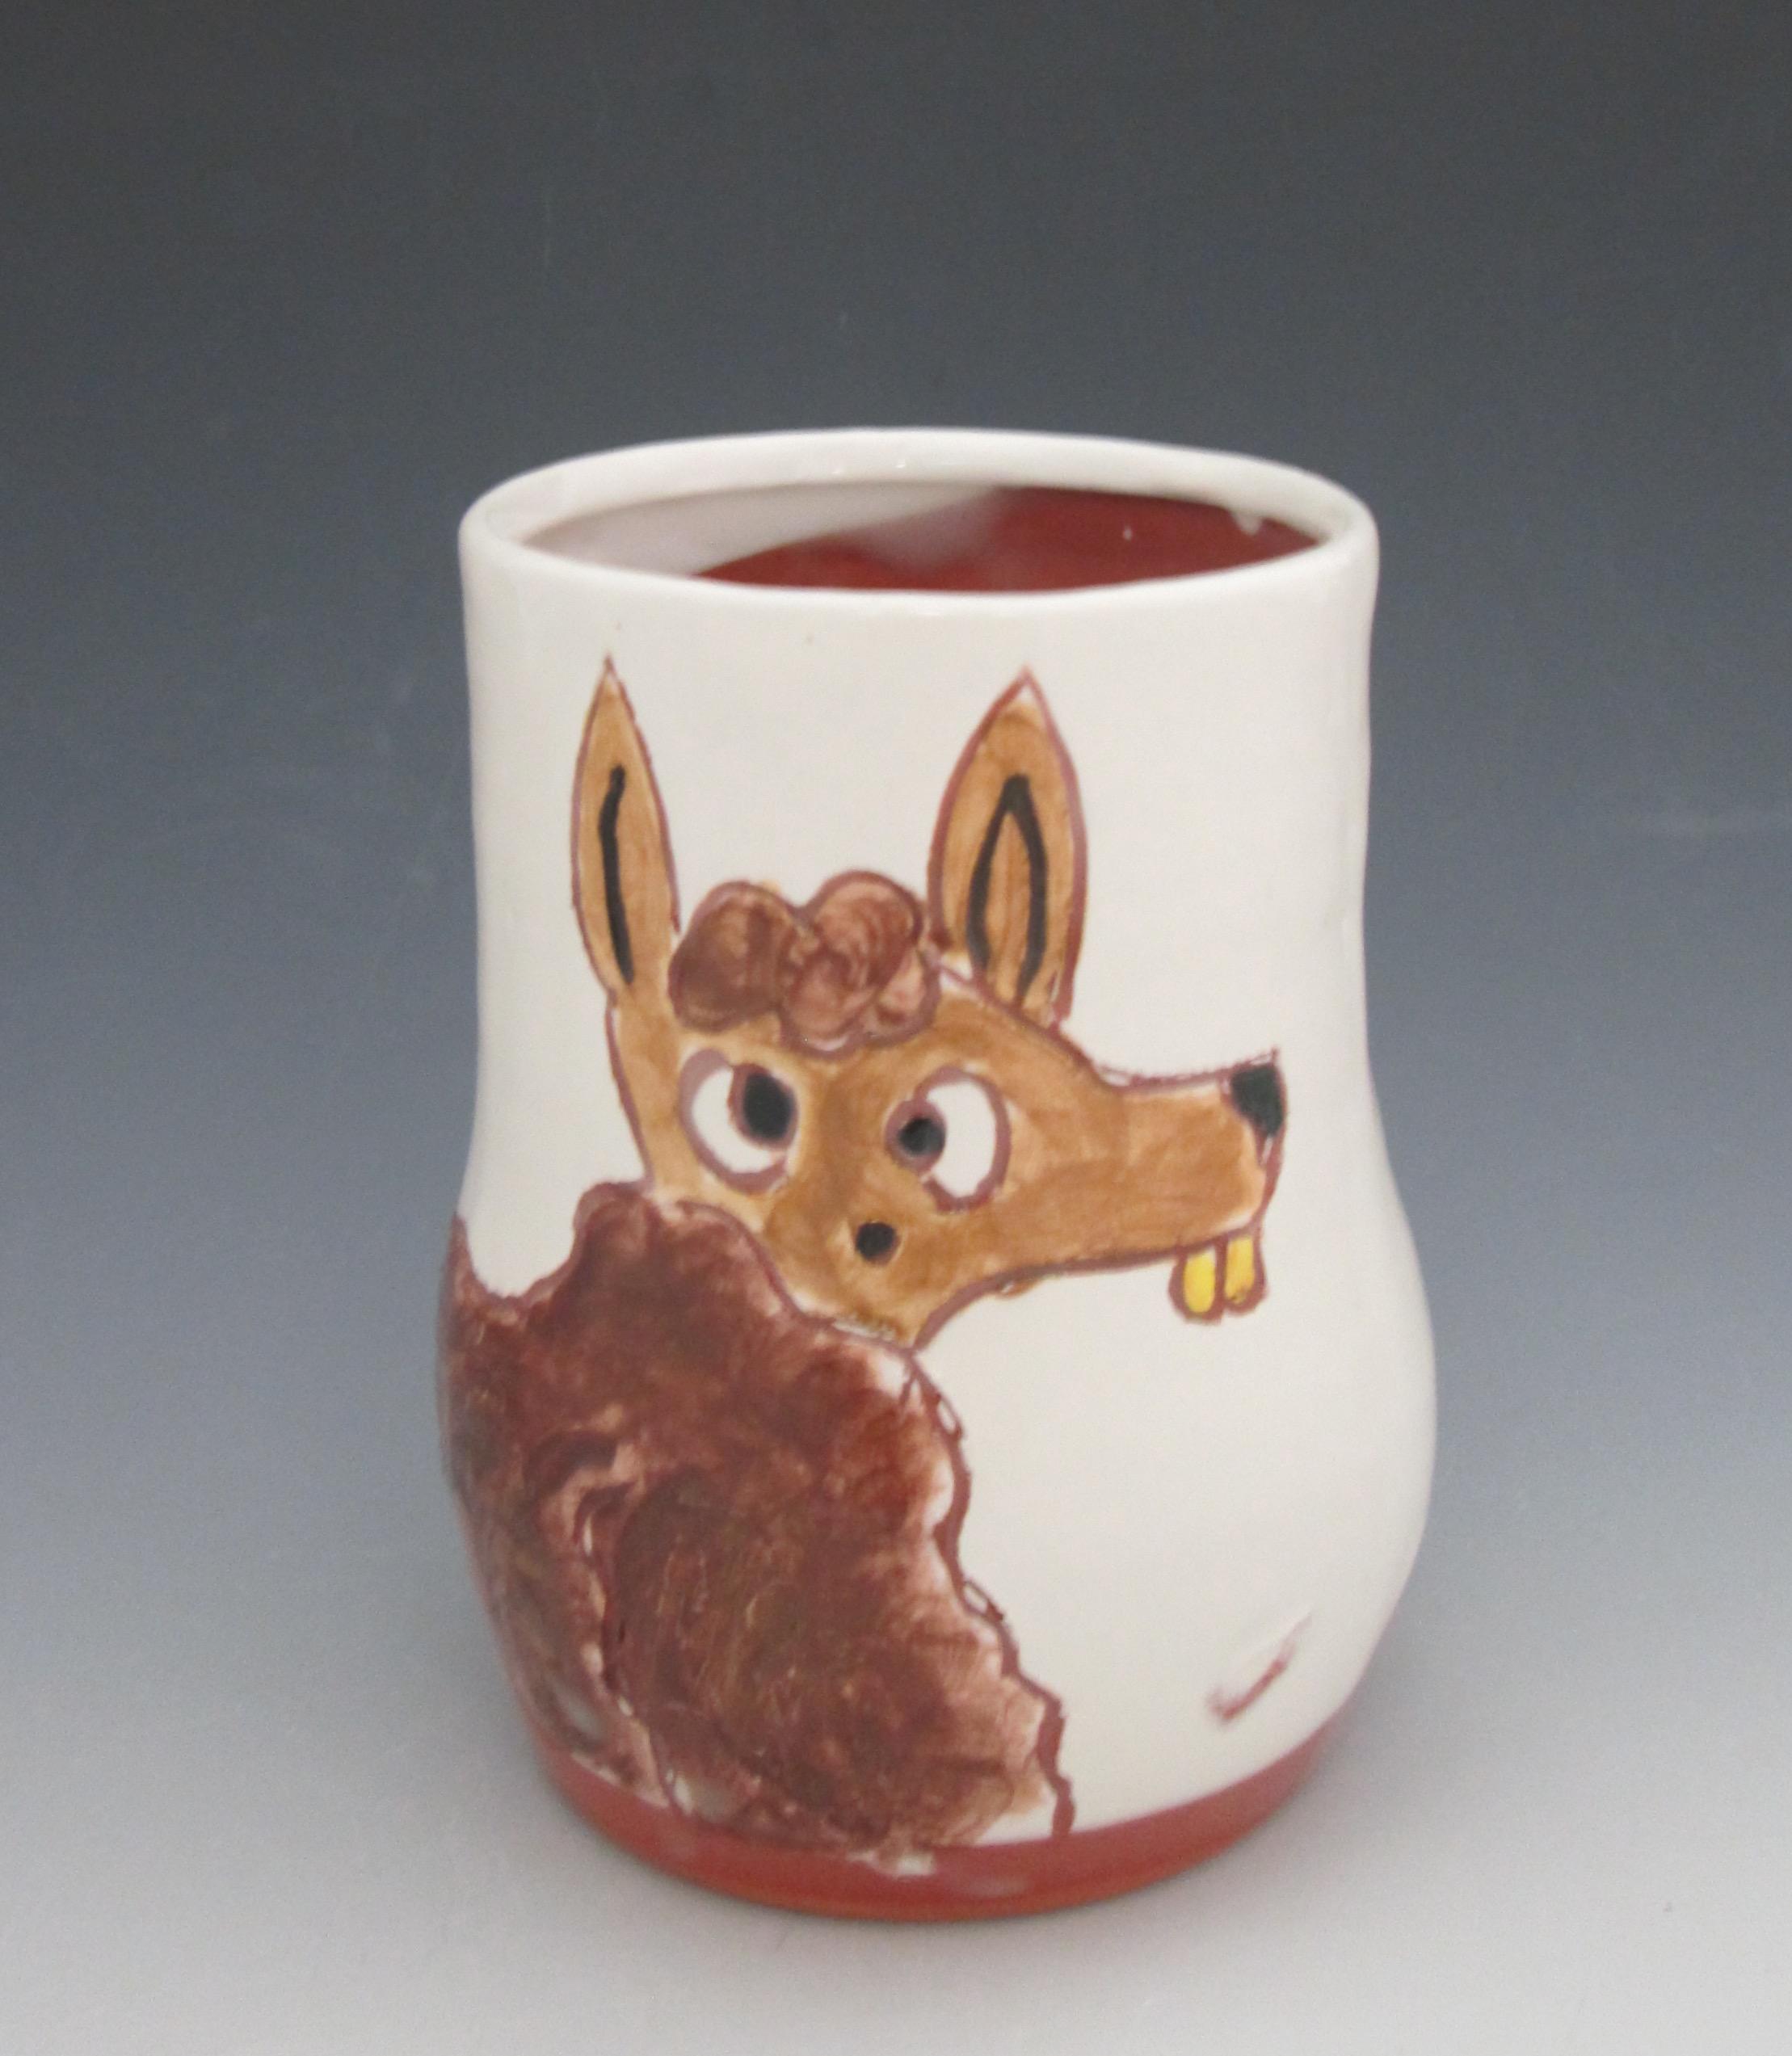 Llama cup